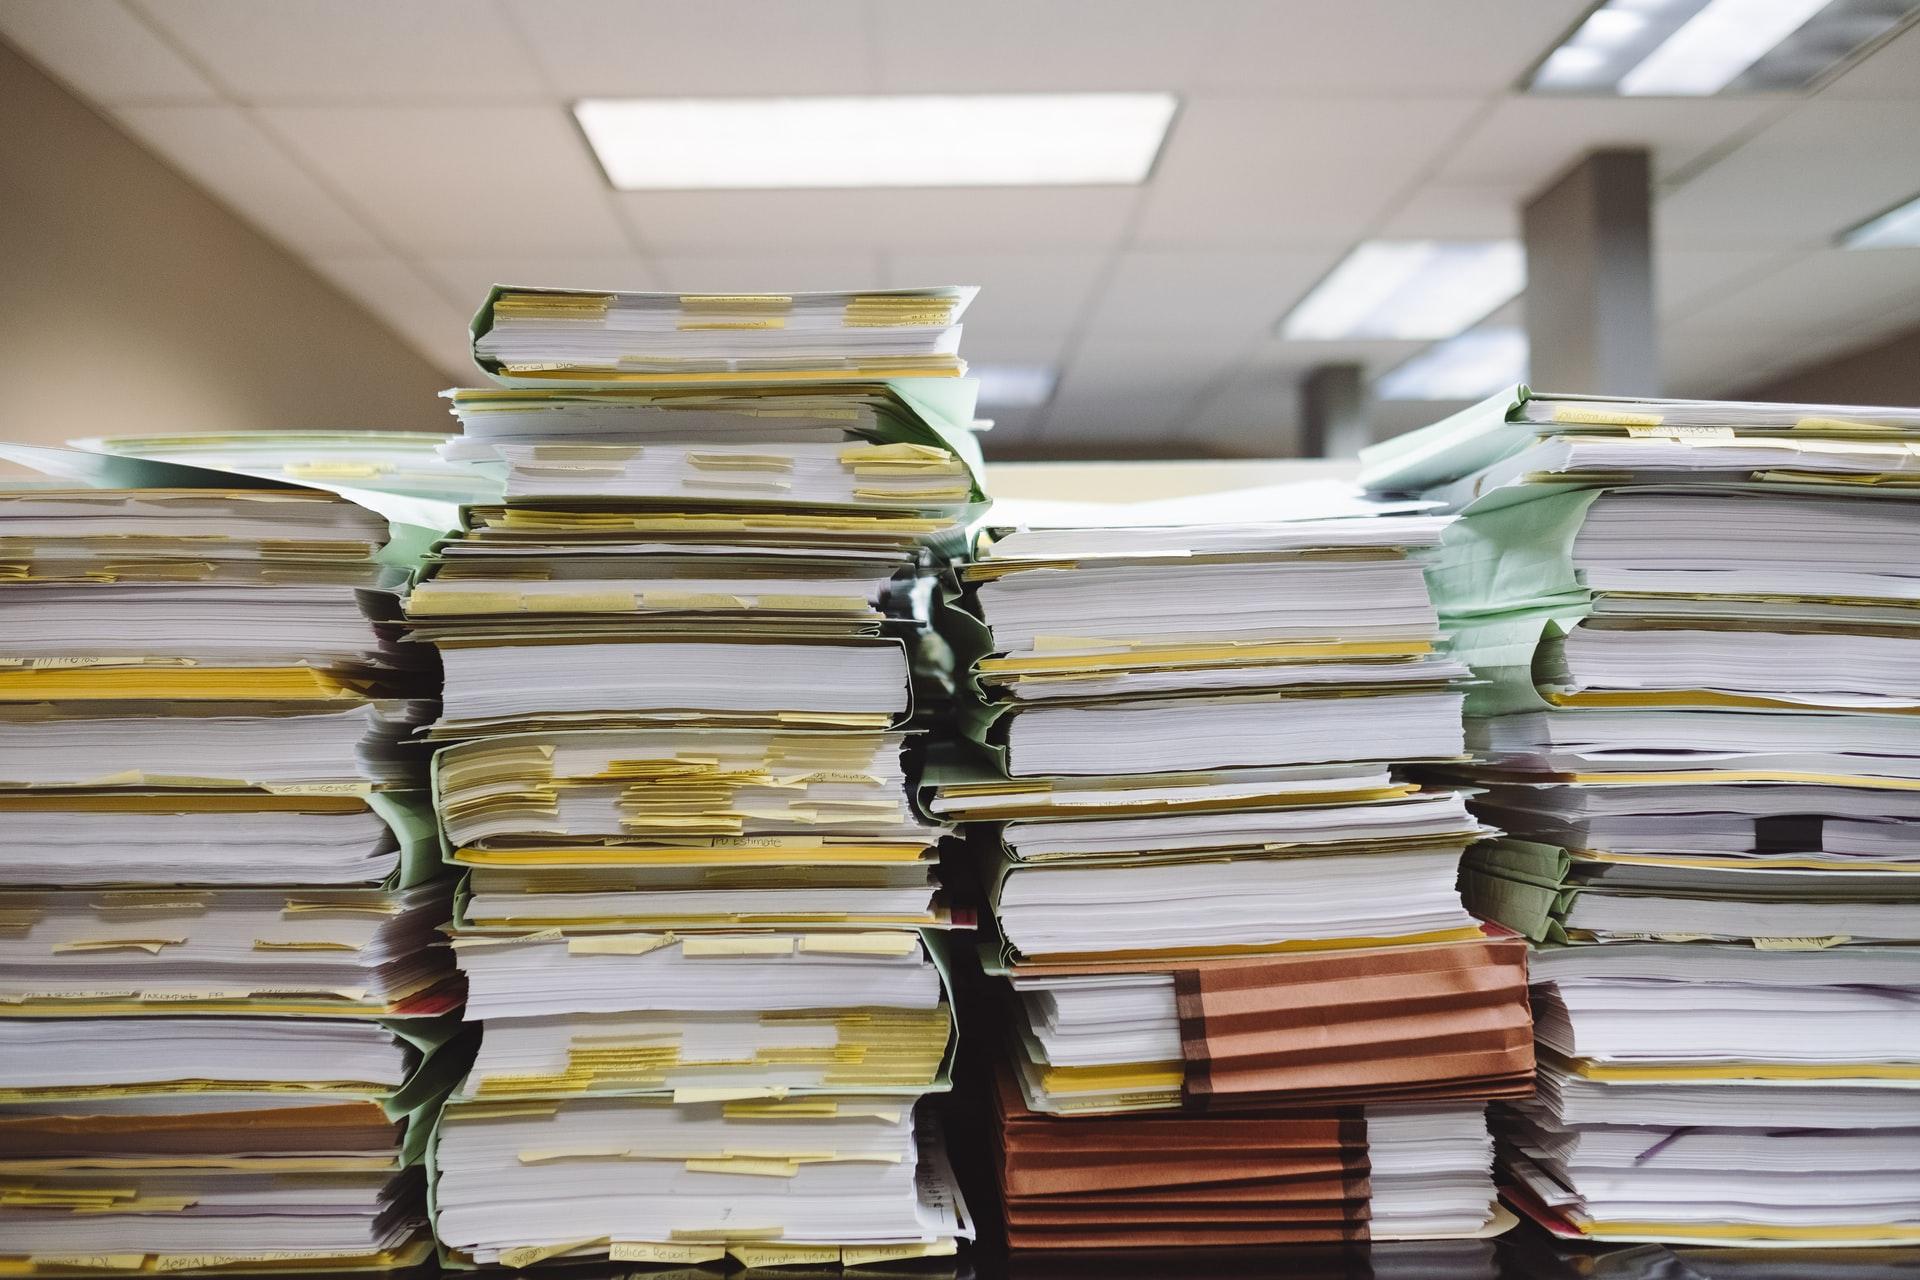 Bureau sans papier : Qu'est-ce que c'est et comment ça marche